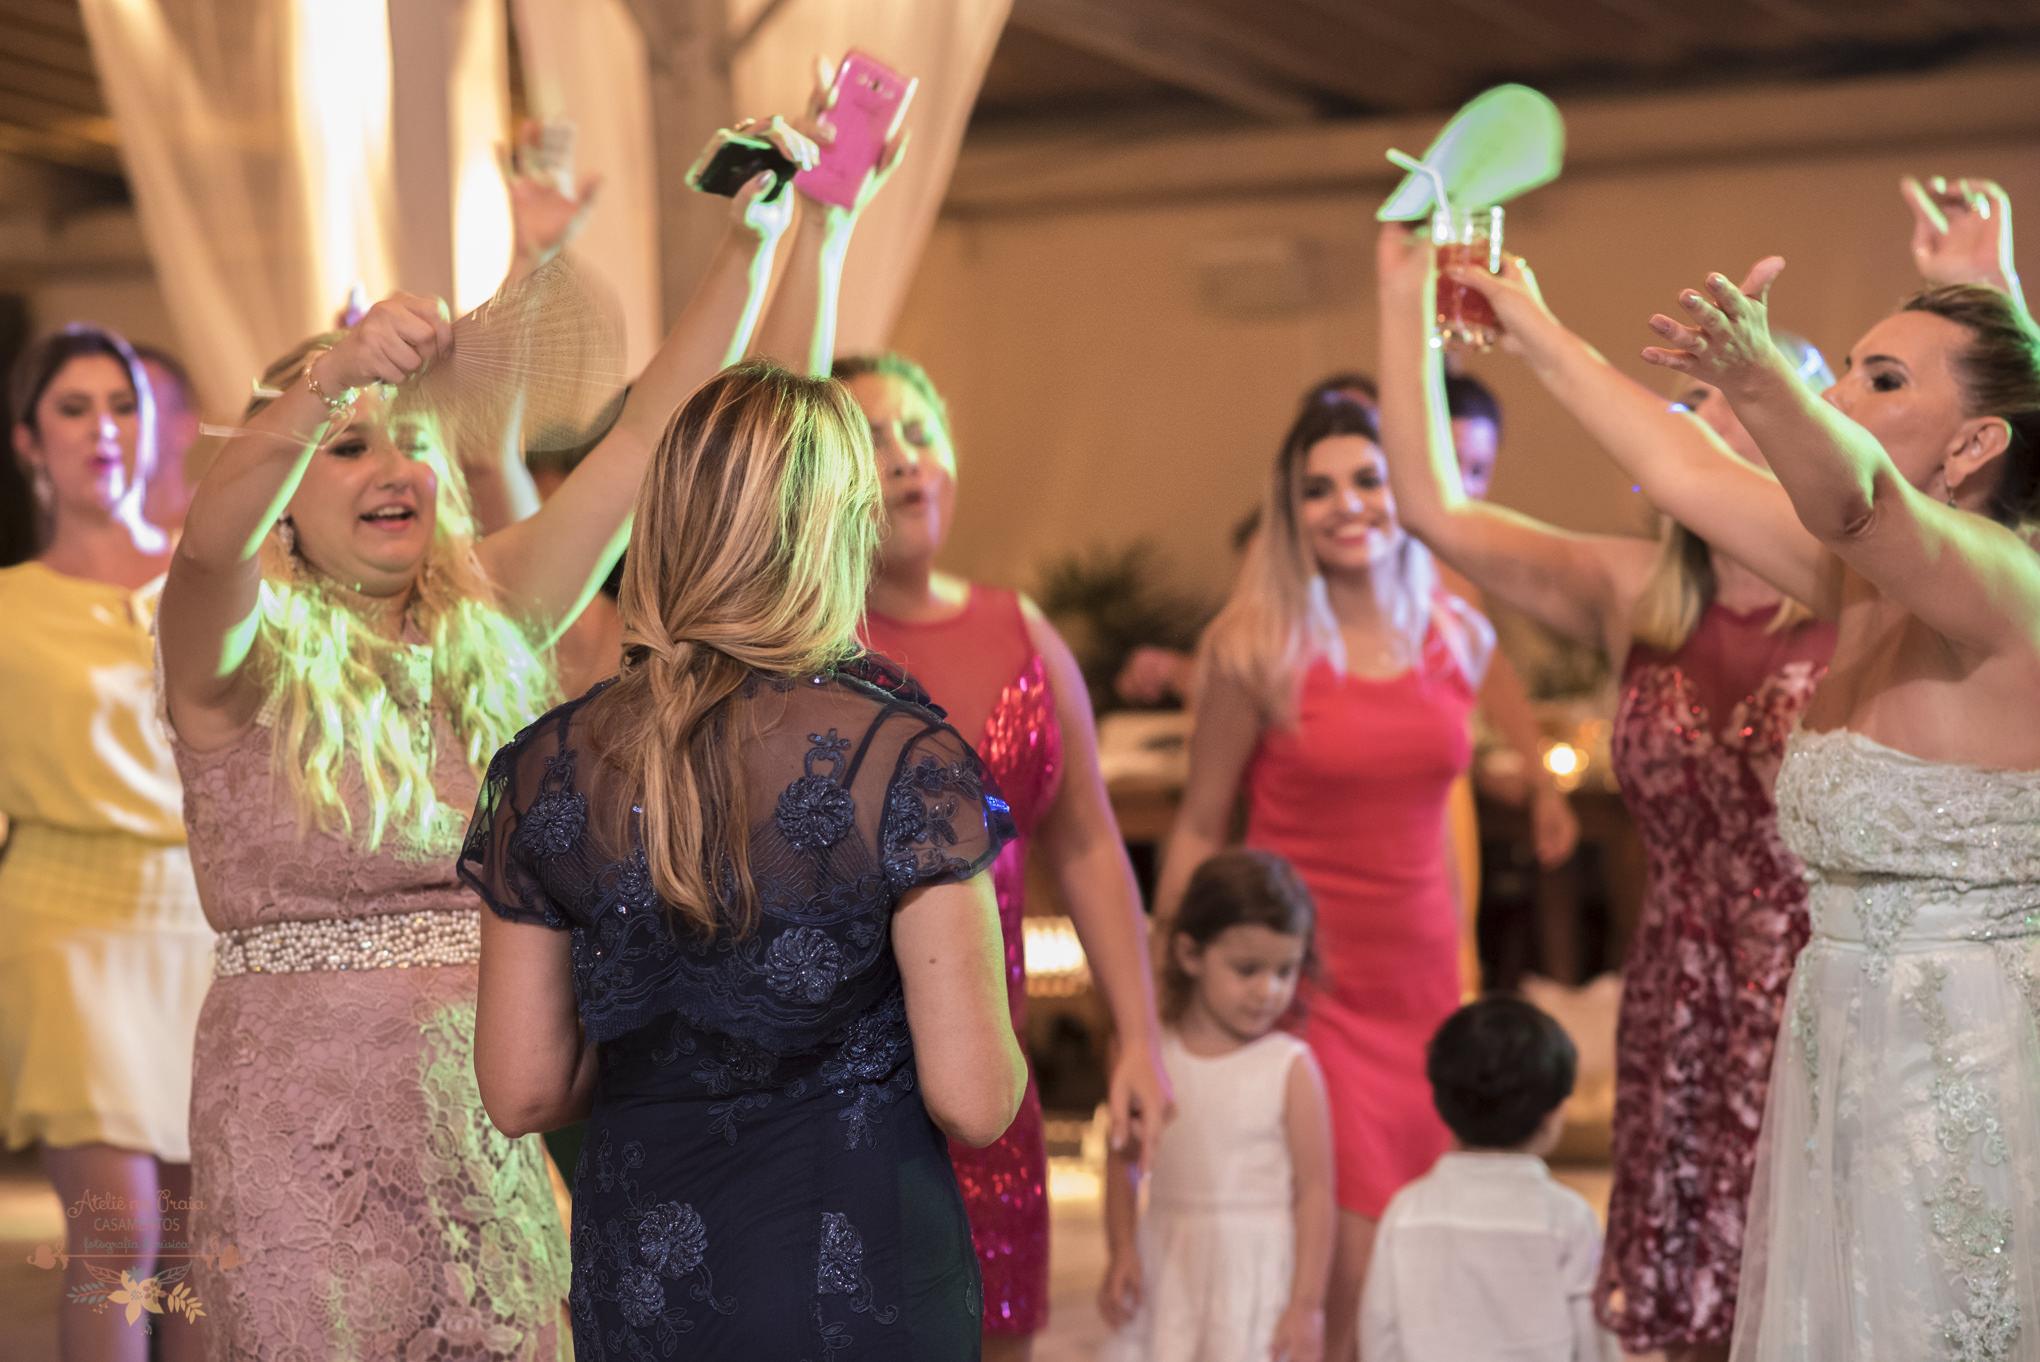 07-Festa-Atelie-na-Praia-Casamento-na-Praia-Natalia-Felipe-PQ-0082A